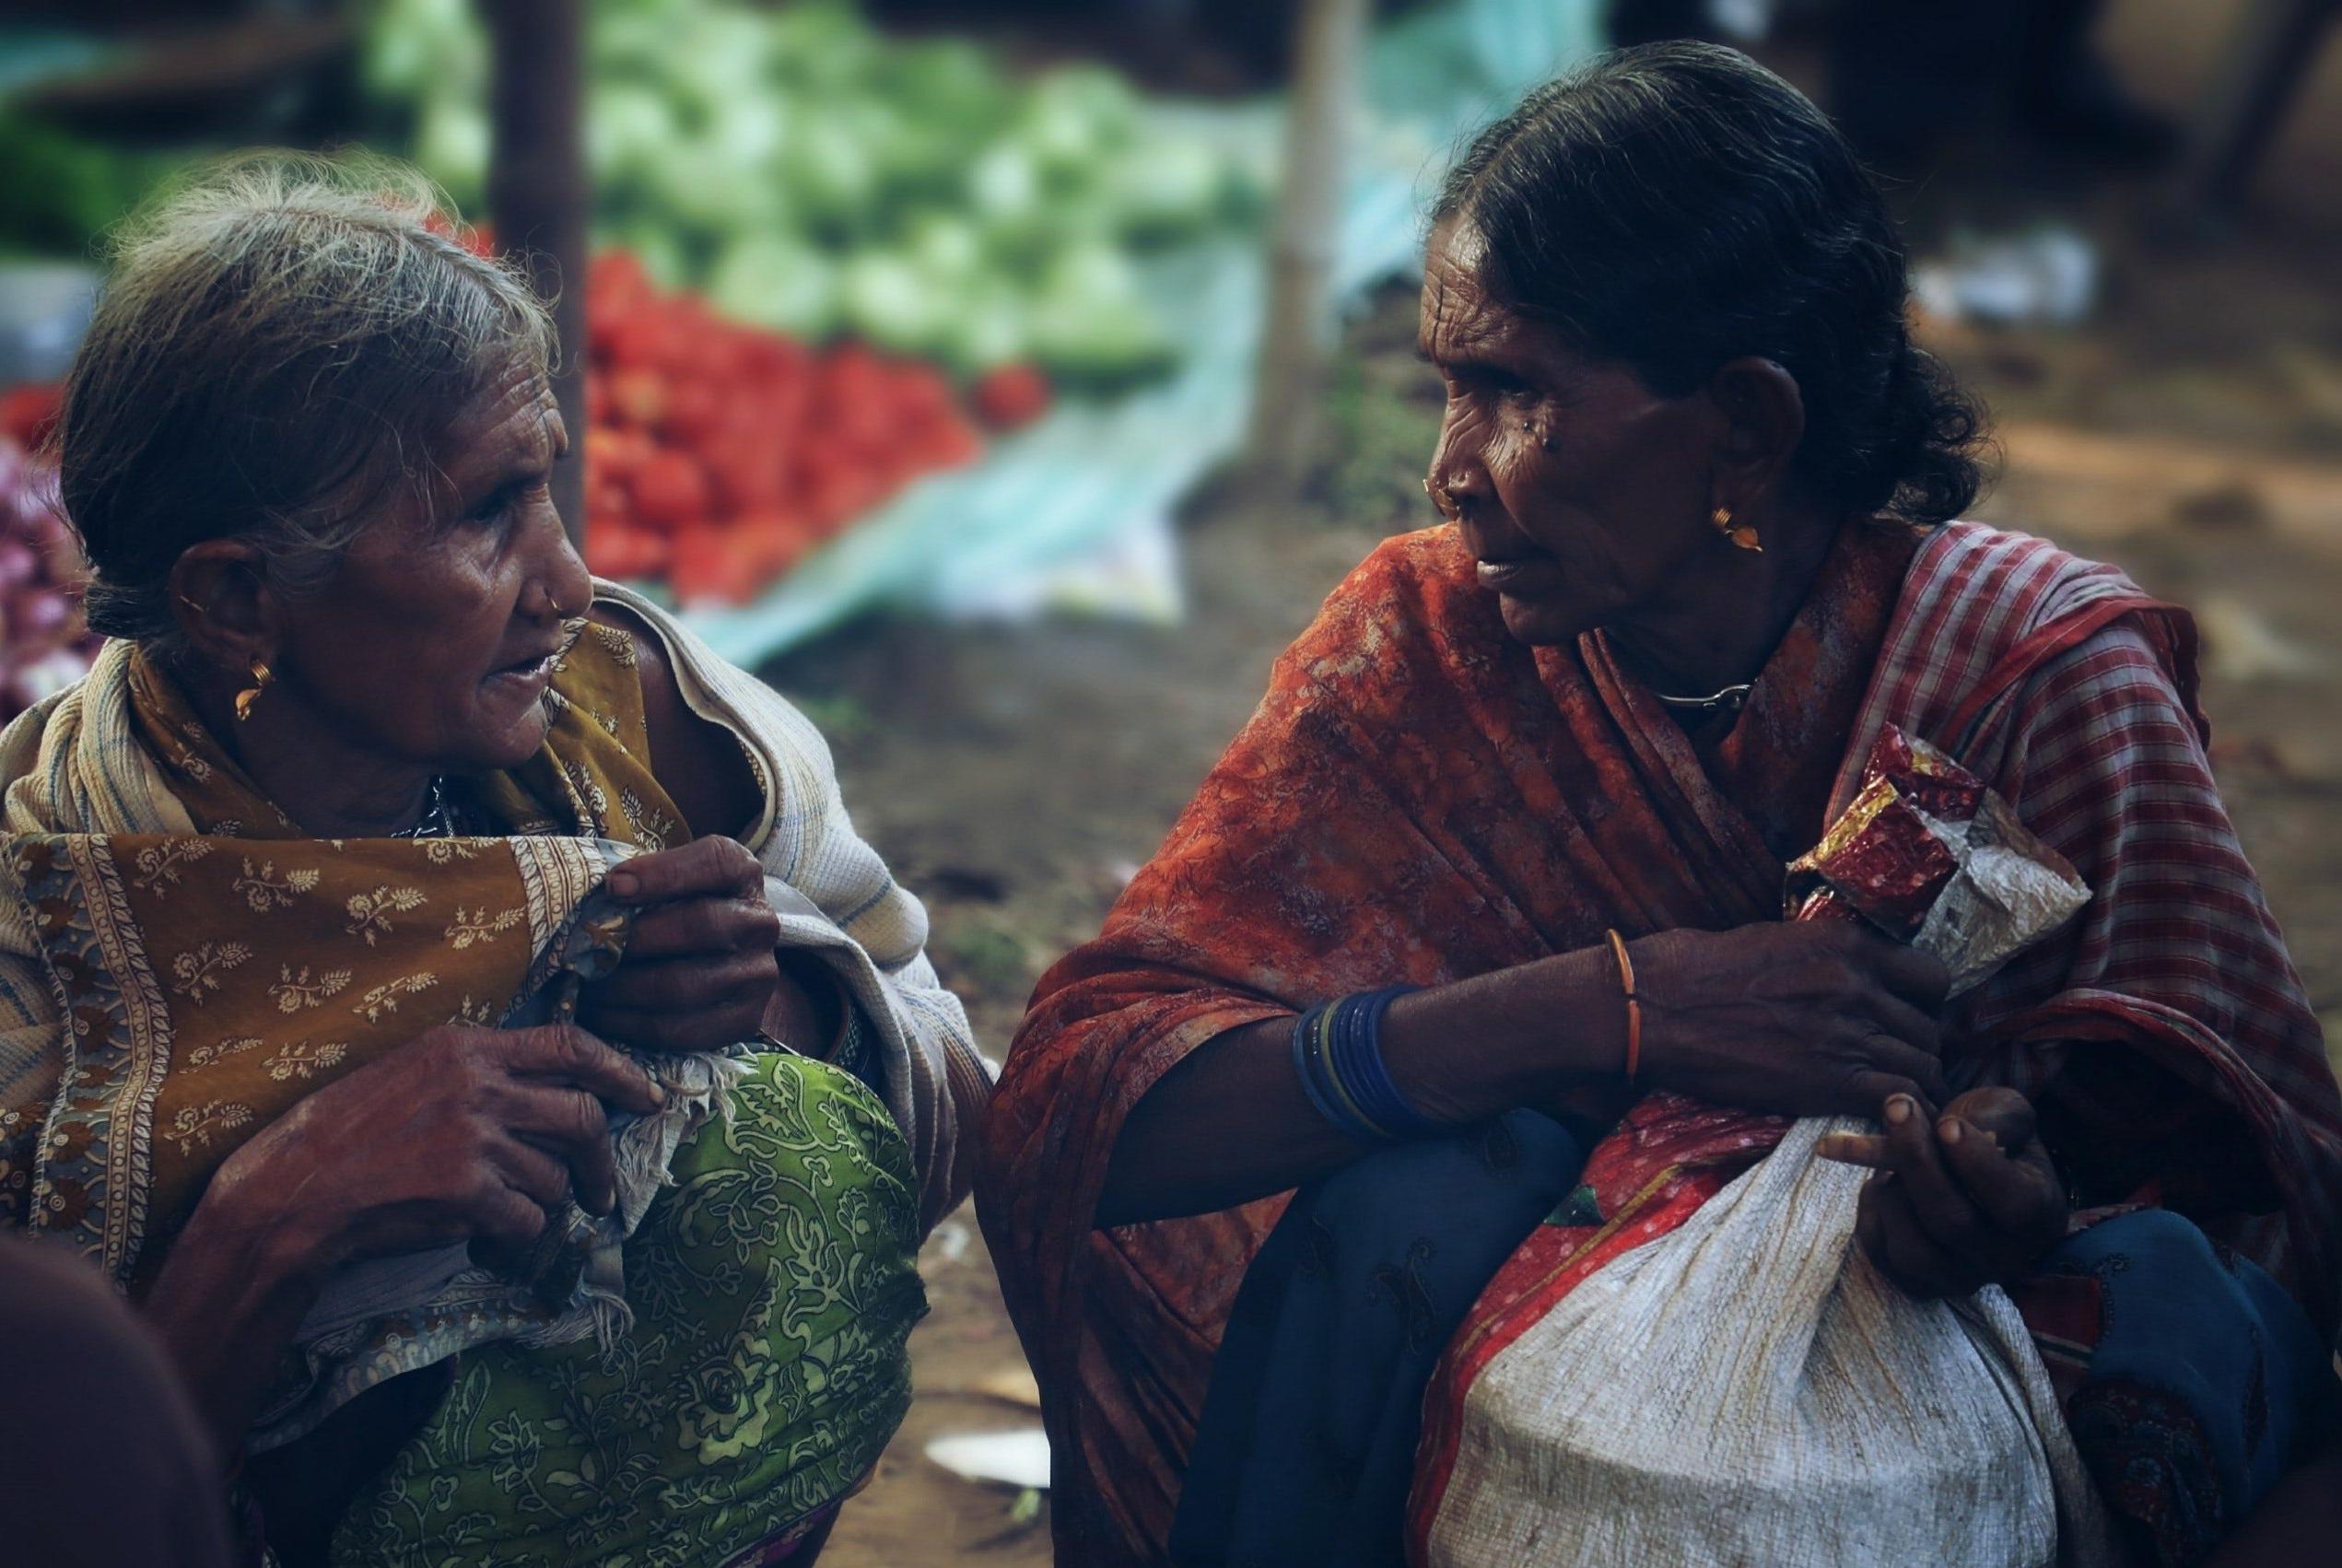 Photo of two elderly women talking